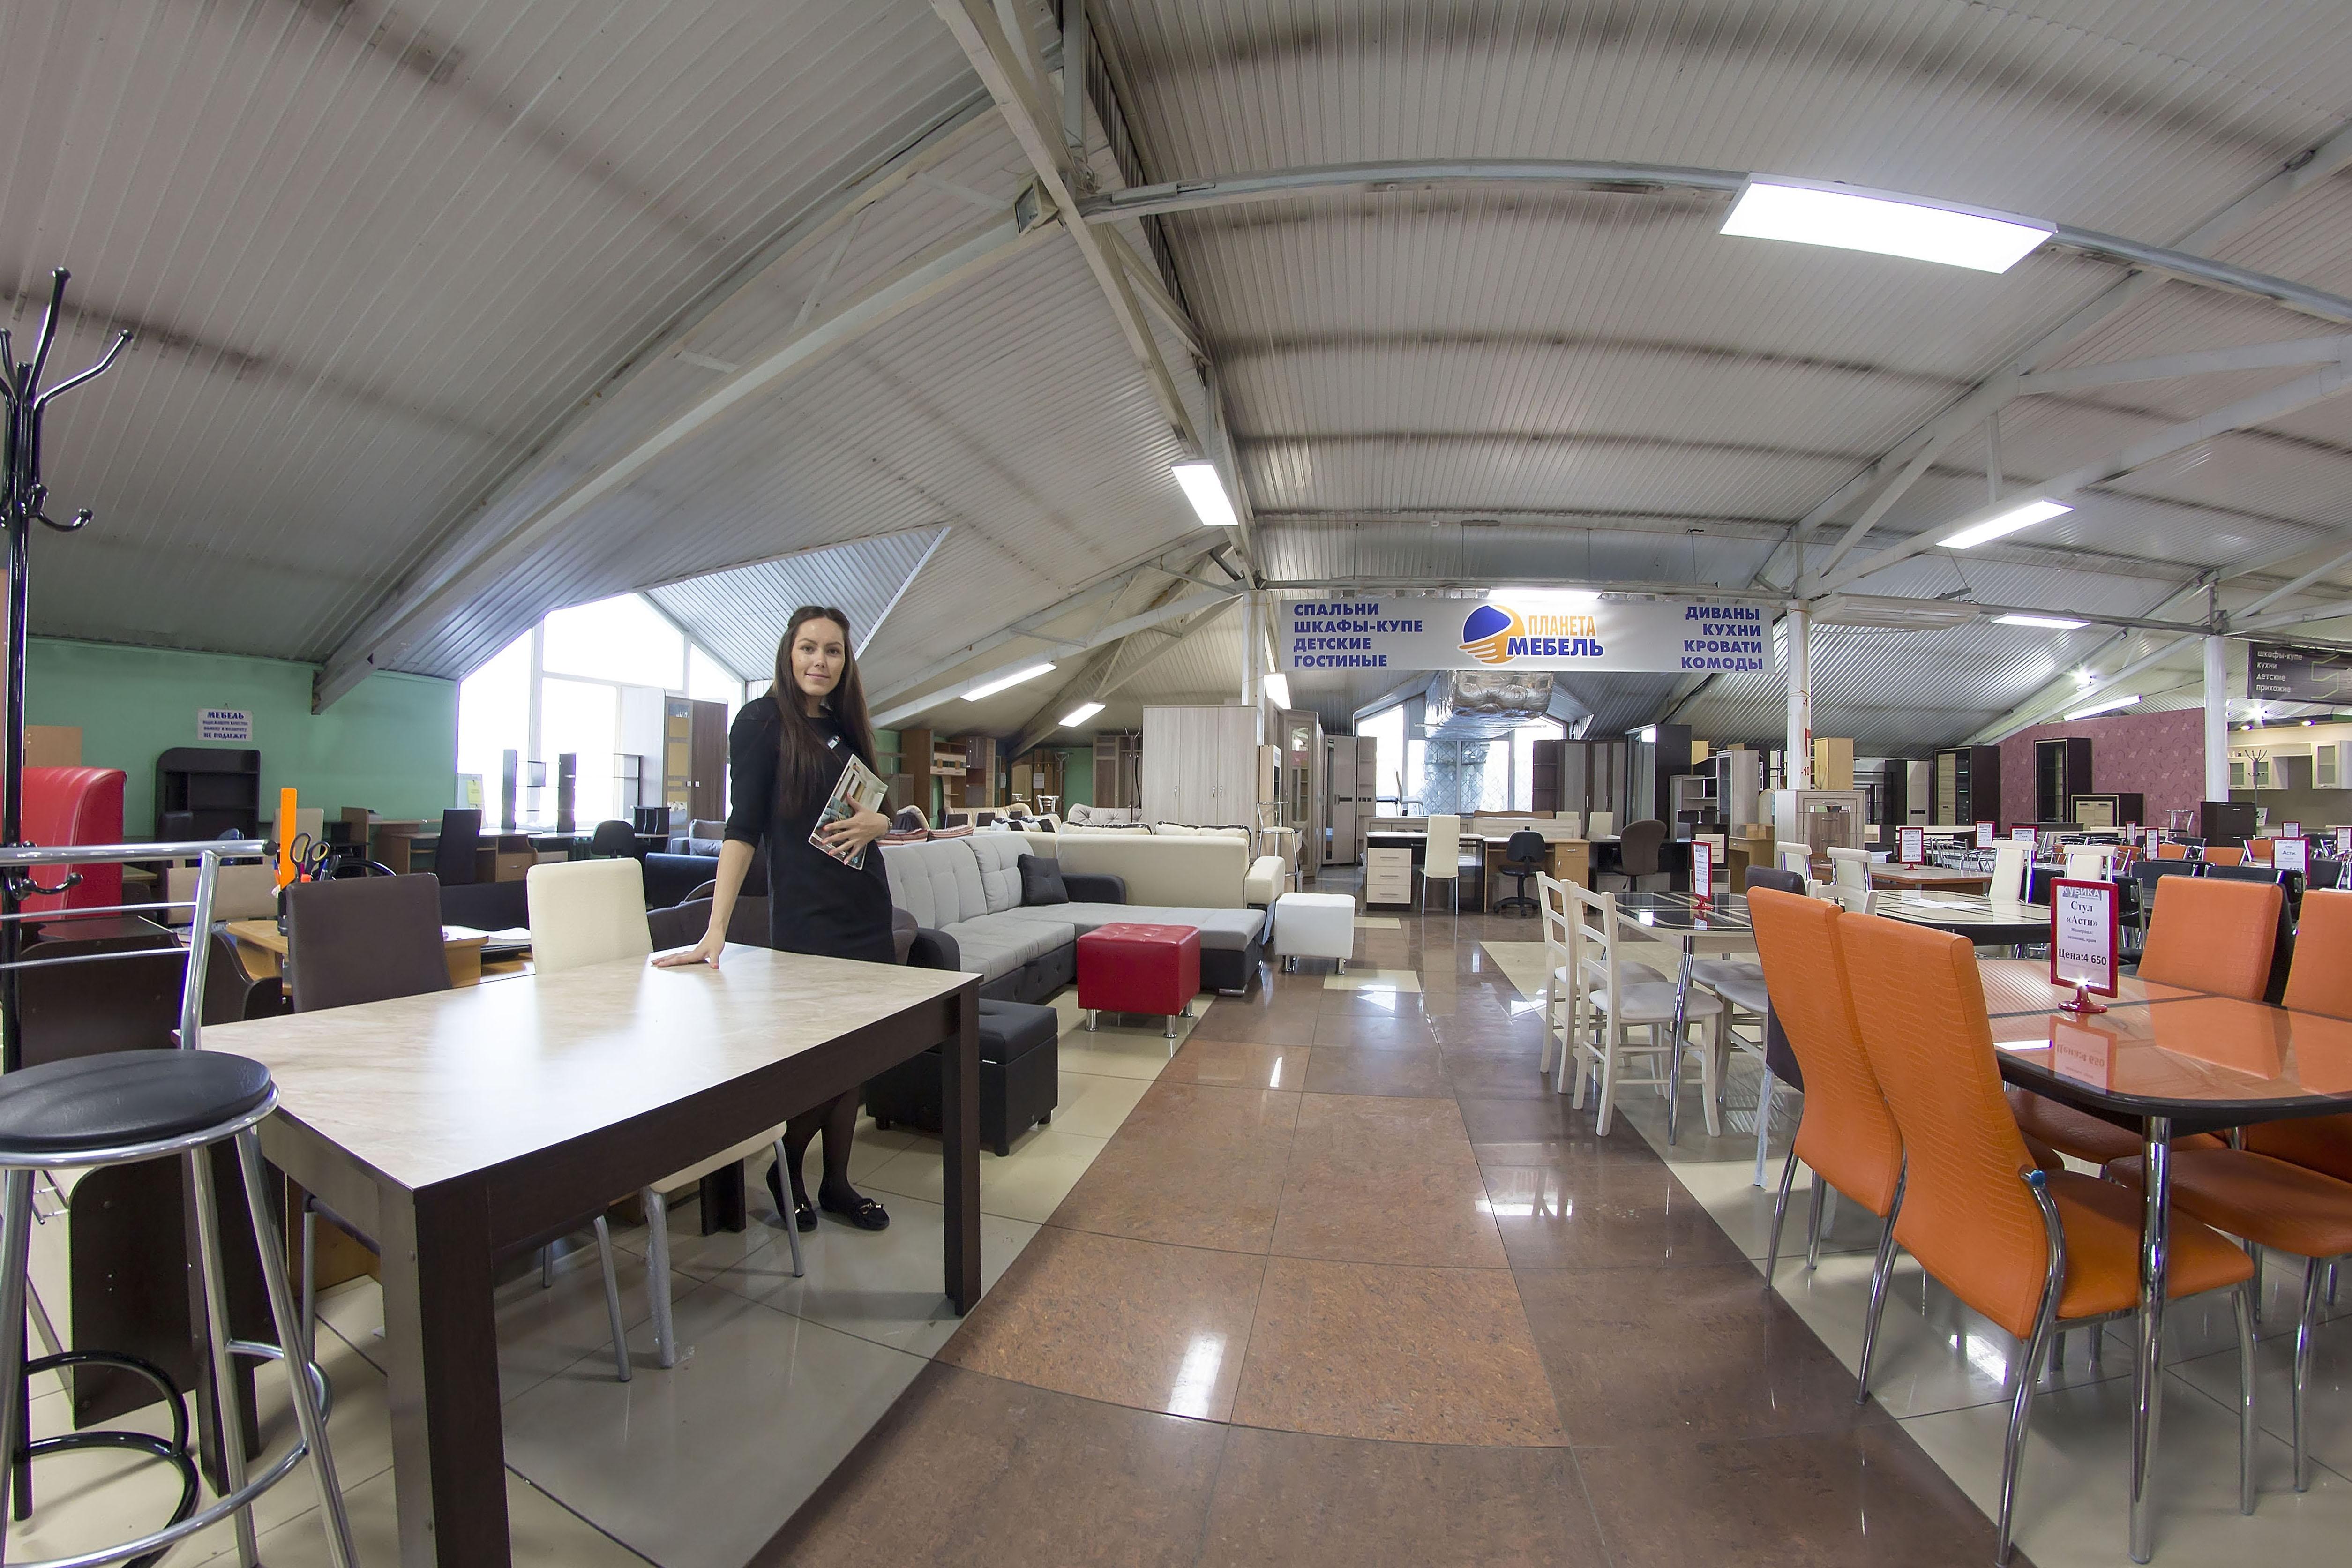 Планета-Мебель в Мебель Сити, сеть мебельных магазинов